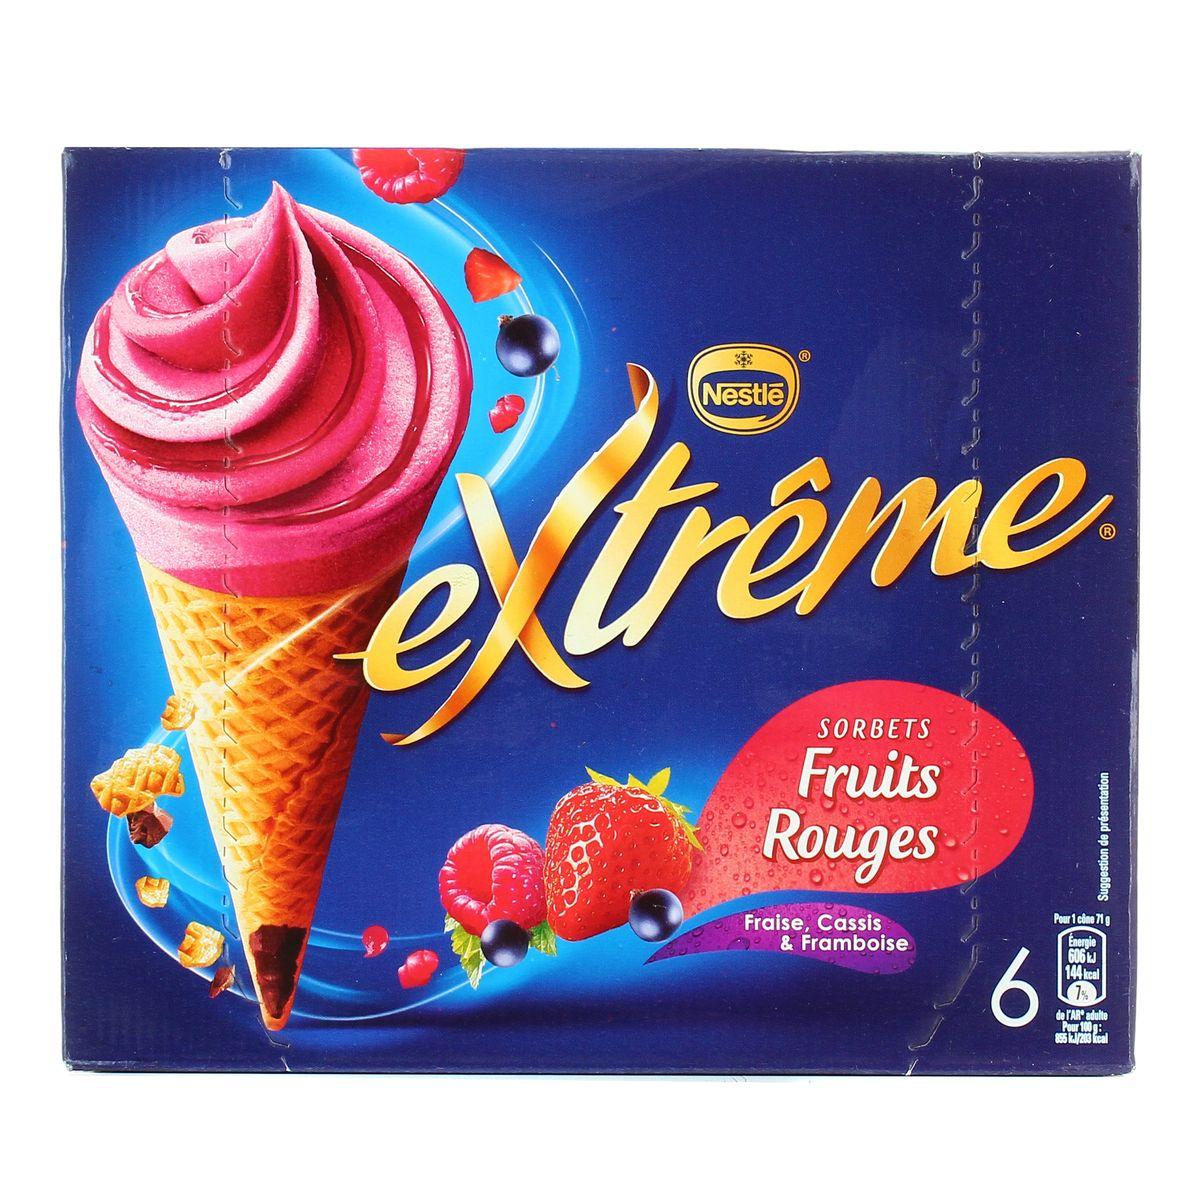 Cône sorbet framboise, cassis, fraise, Extreme (x 6)